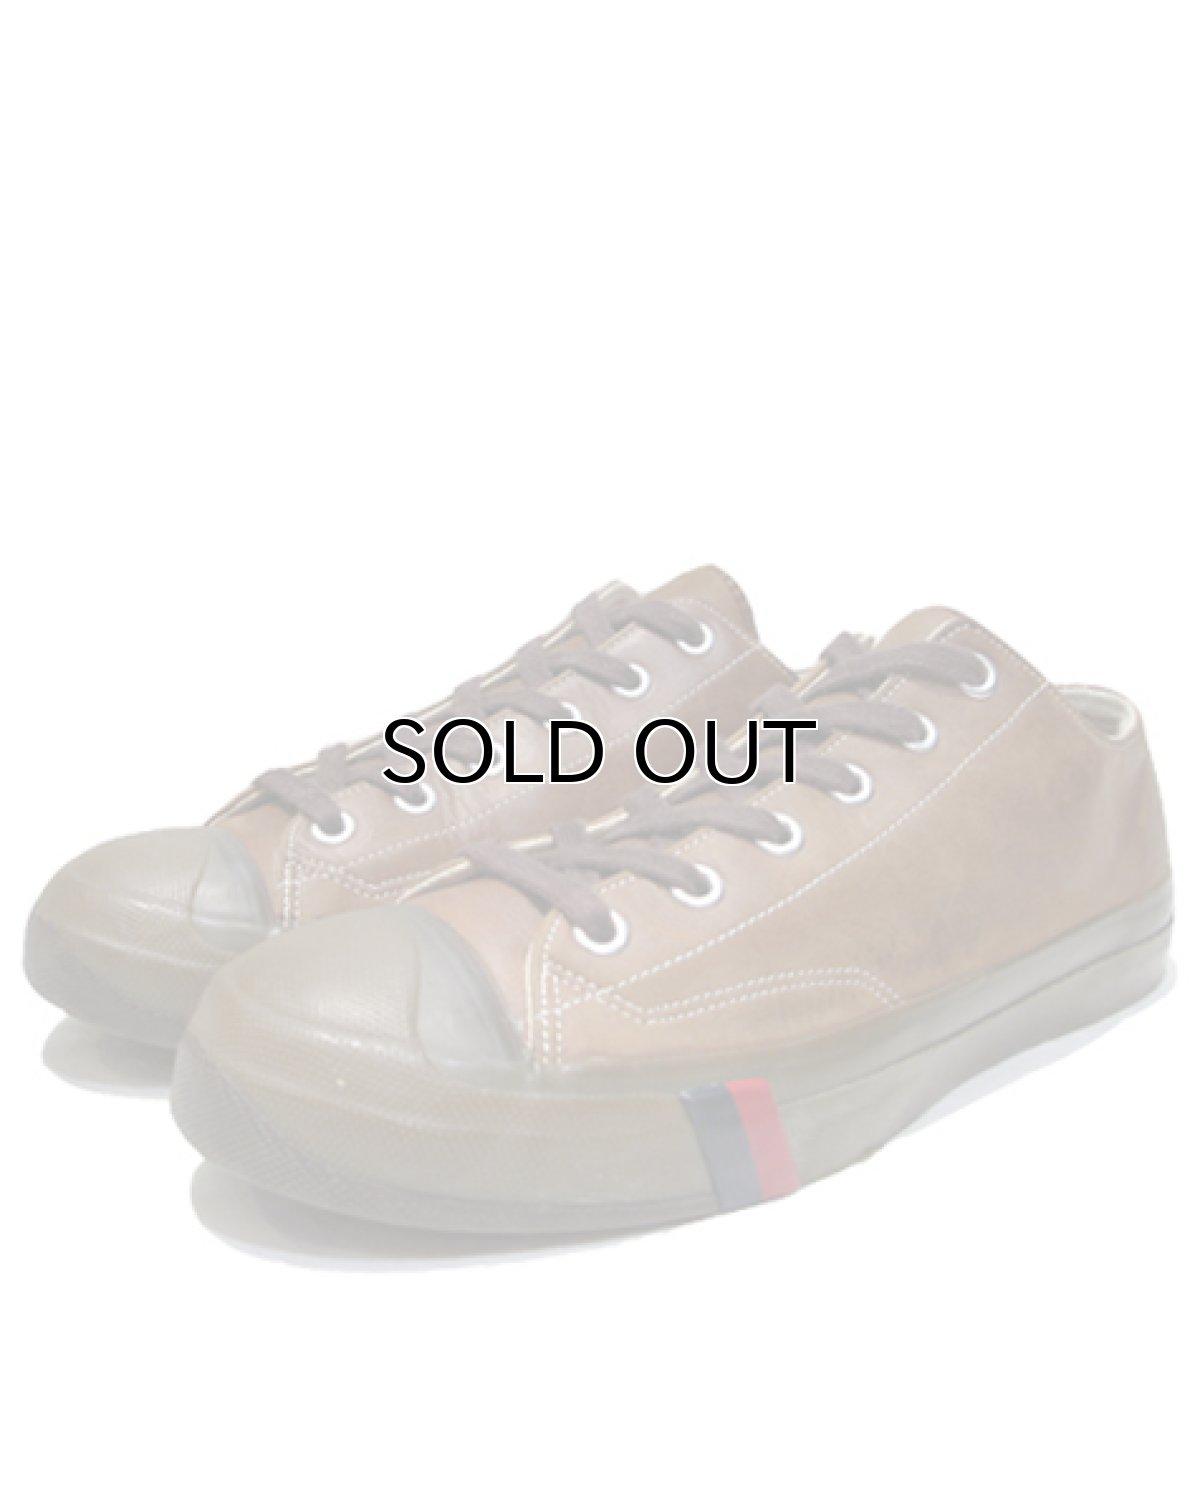 画像1: Pro-Keds Low-Cut Leather Sneaker BROWN size 10 (28 cm) (1)